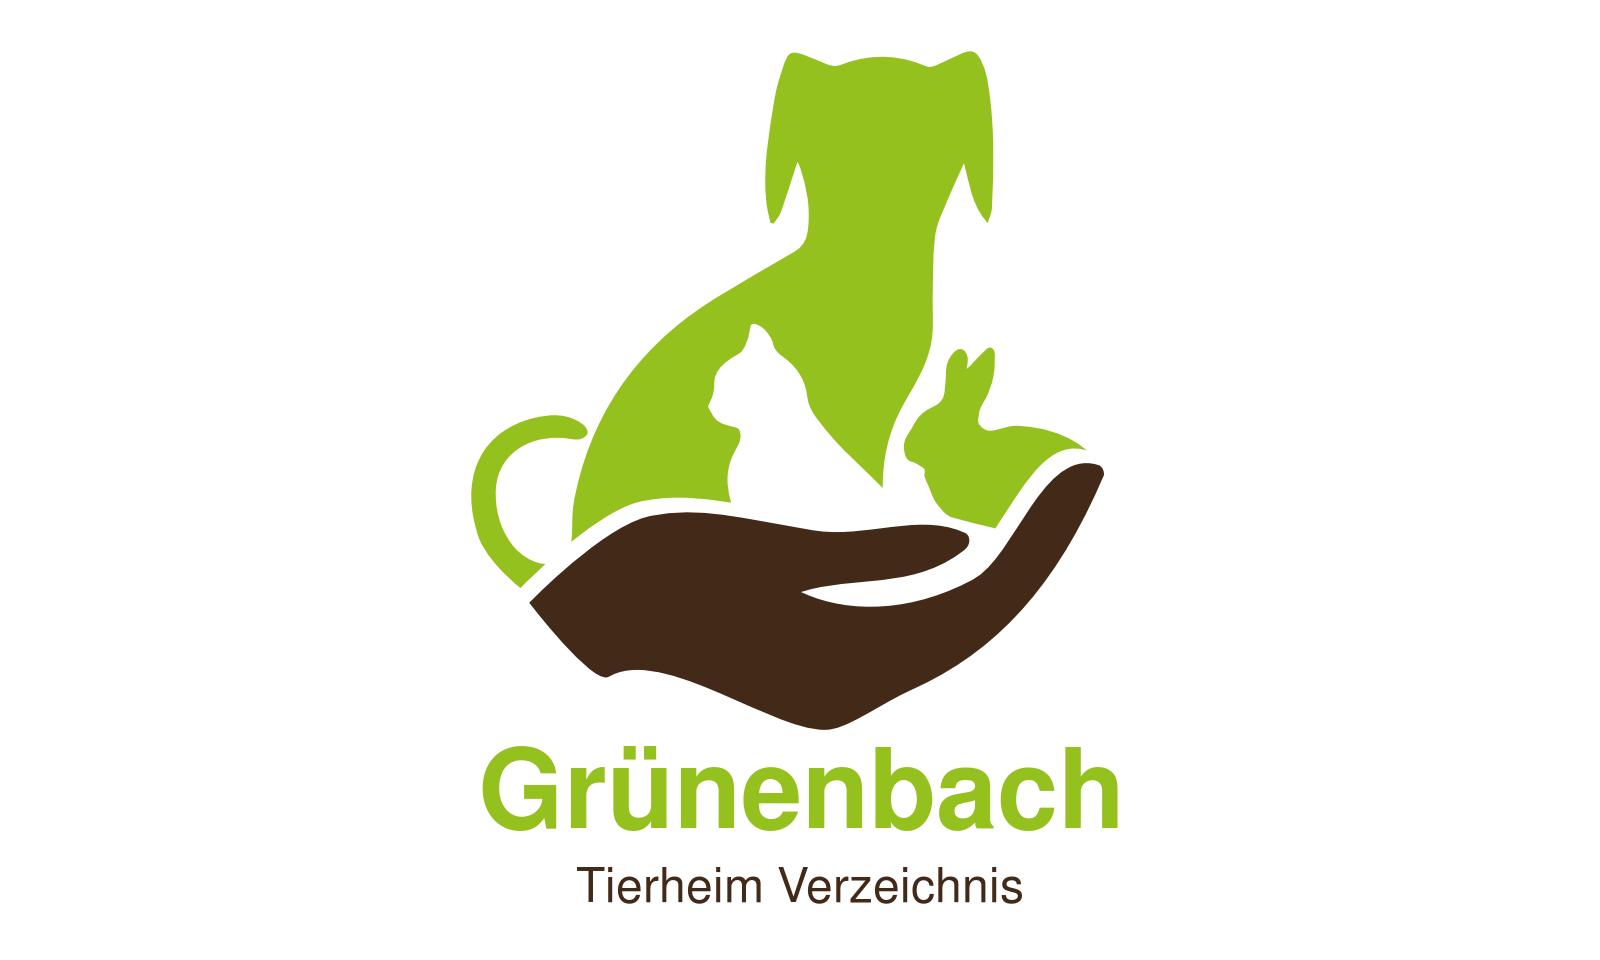 Tierheim Grünenbach